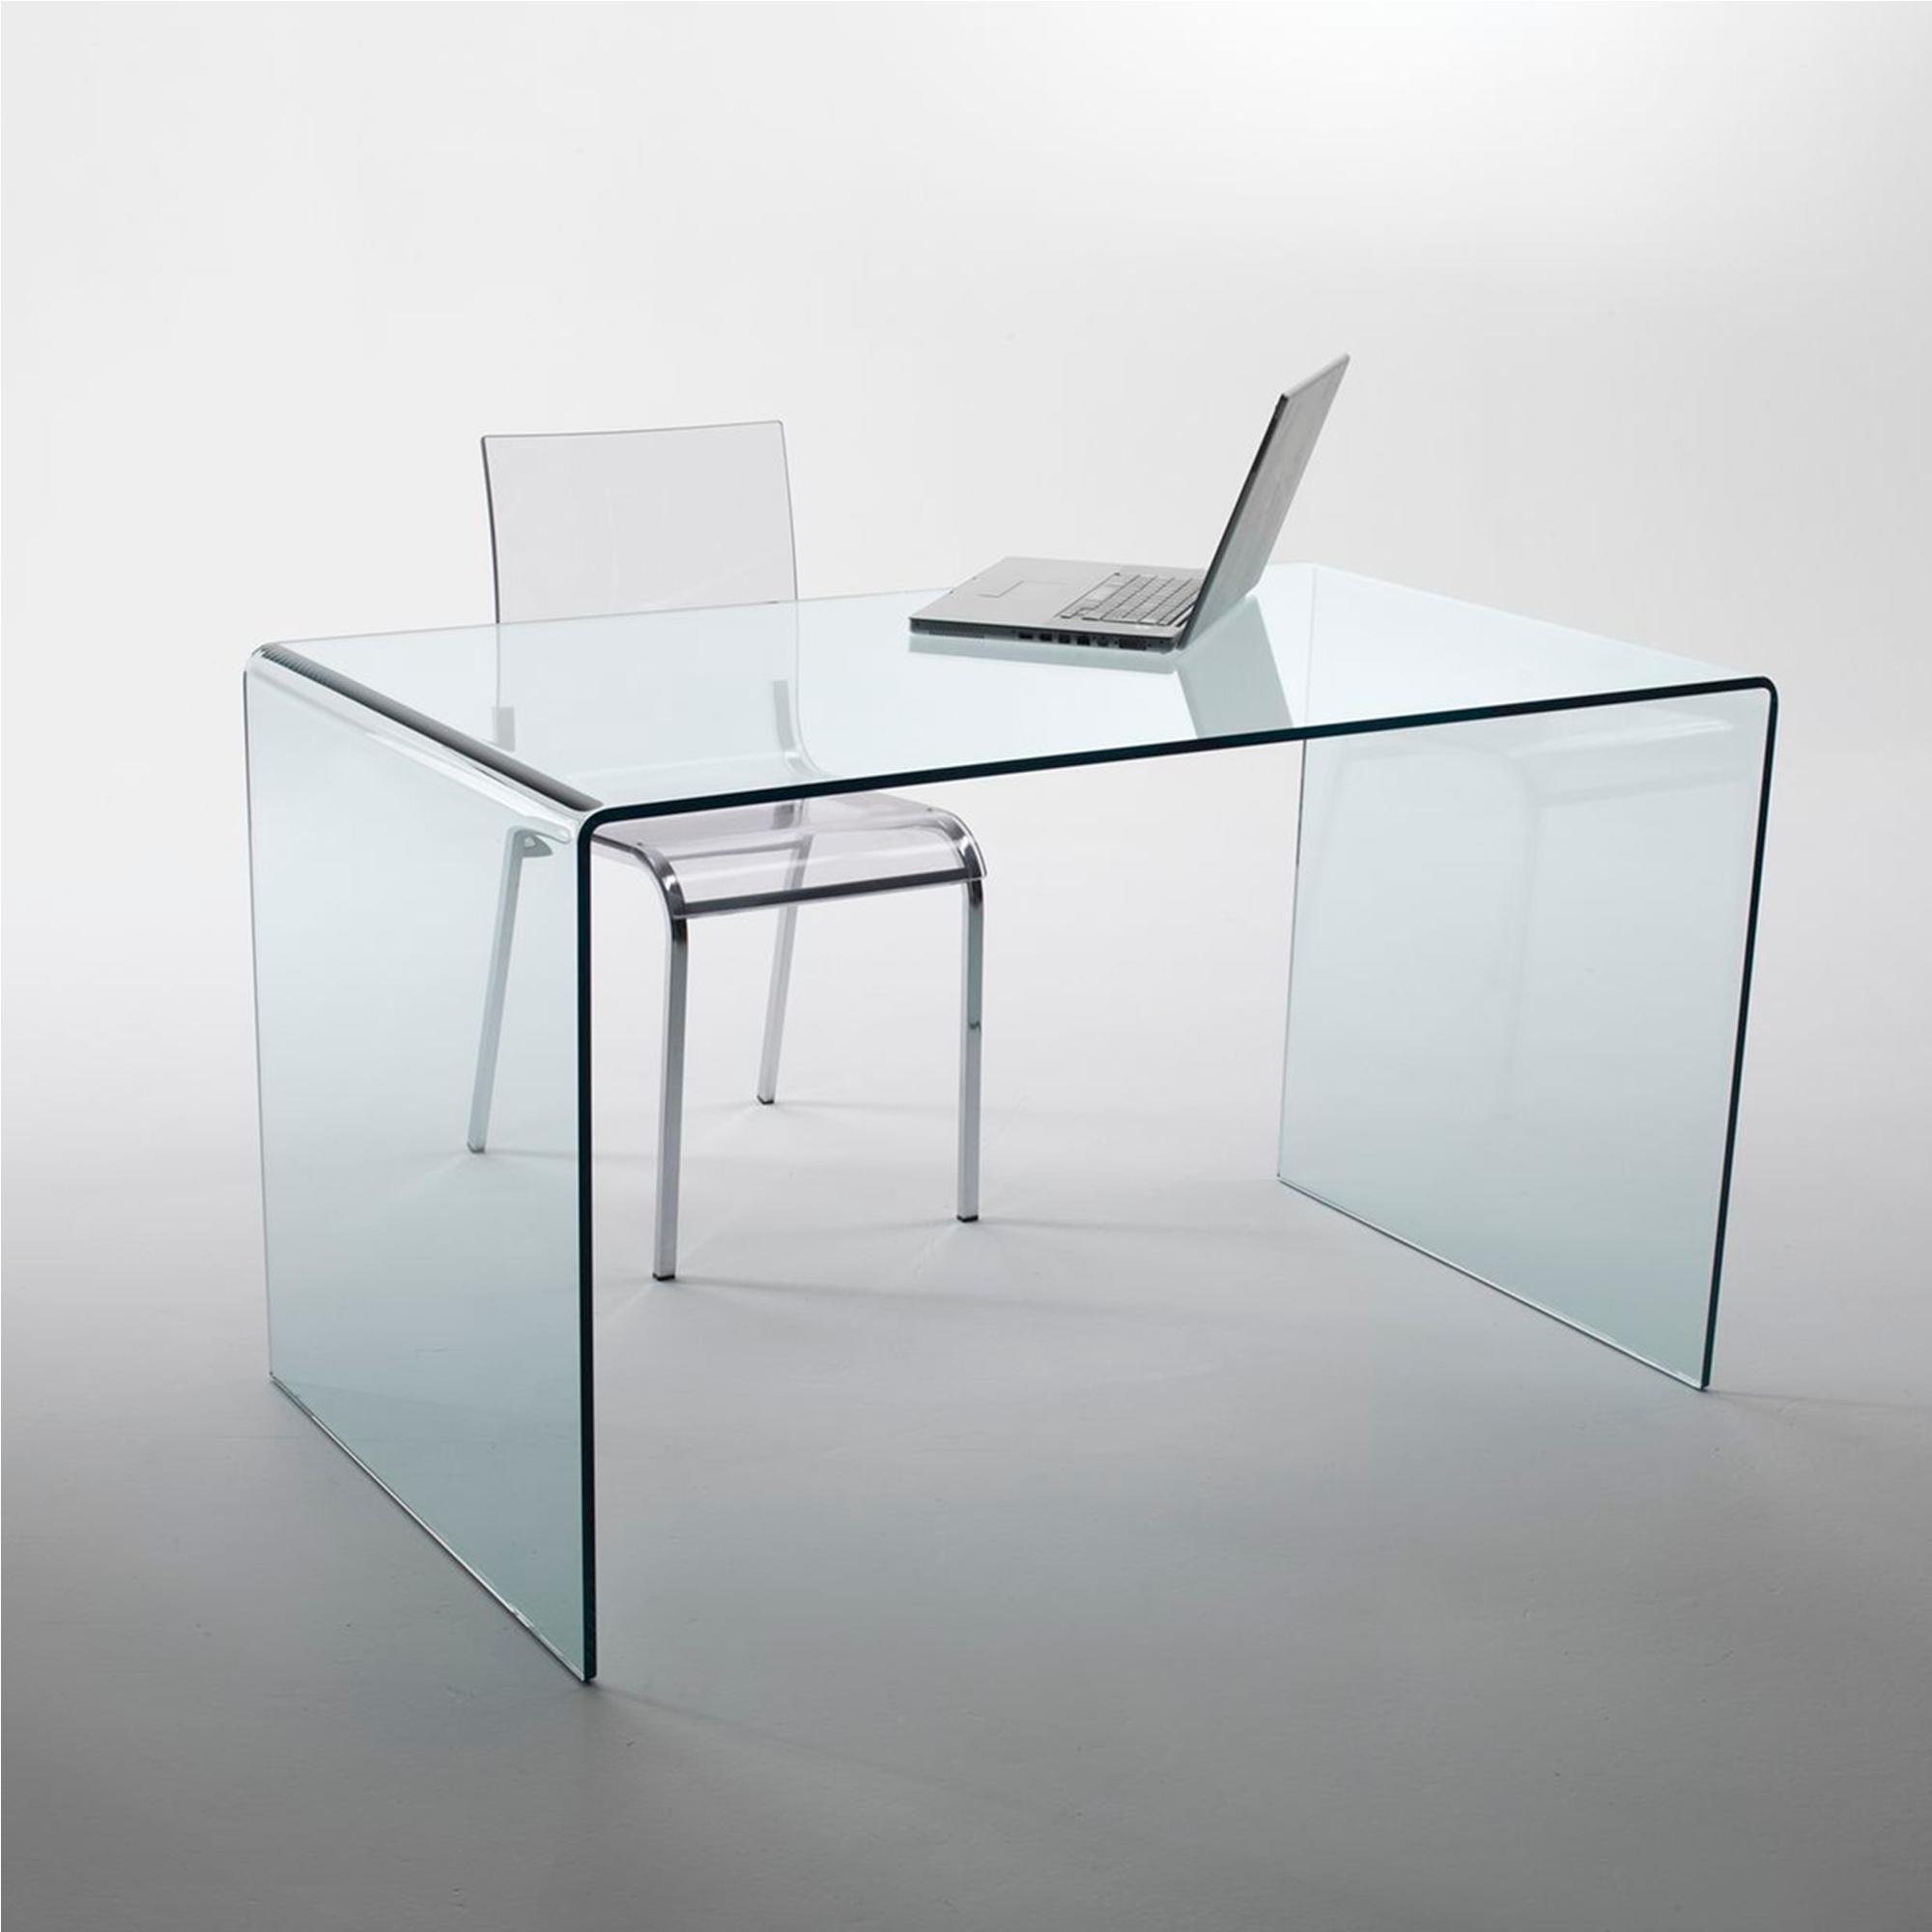 tavolo scrivania in vetro curvato 100x70xh73 cm spessore 12 mm trasparente vetro curvato. Black Bedroom Furniture Sets. Home Design Ideas